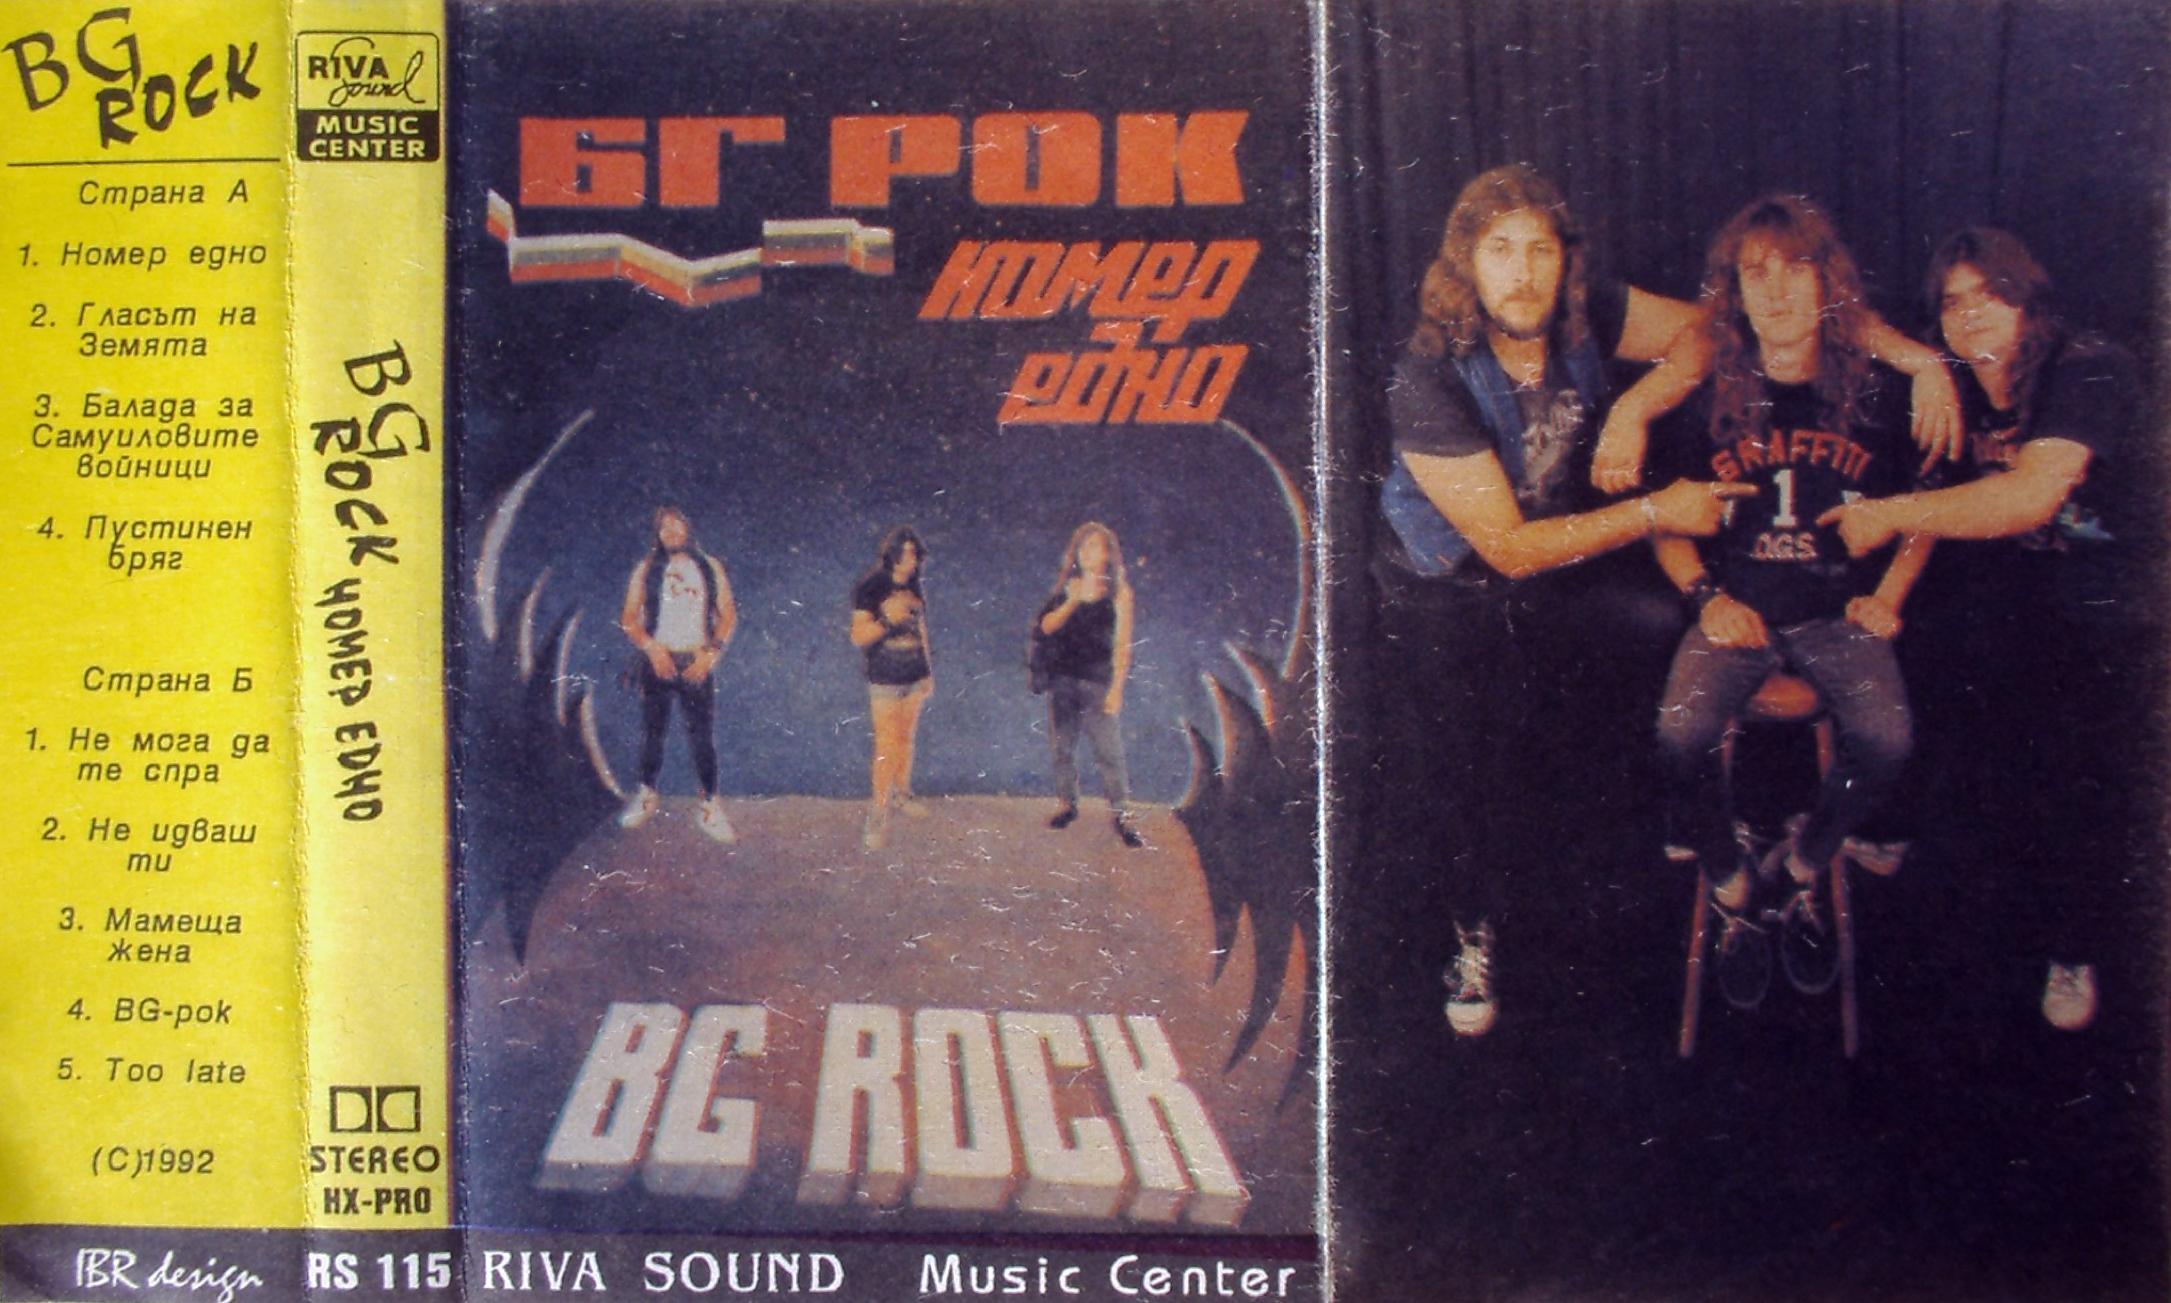 https://i.ibb.co/D4mKKFv/Bg-Rock-N1-1992-front.jpg